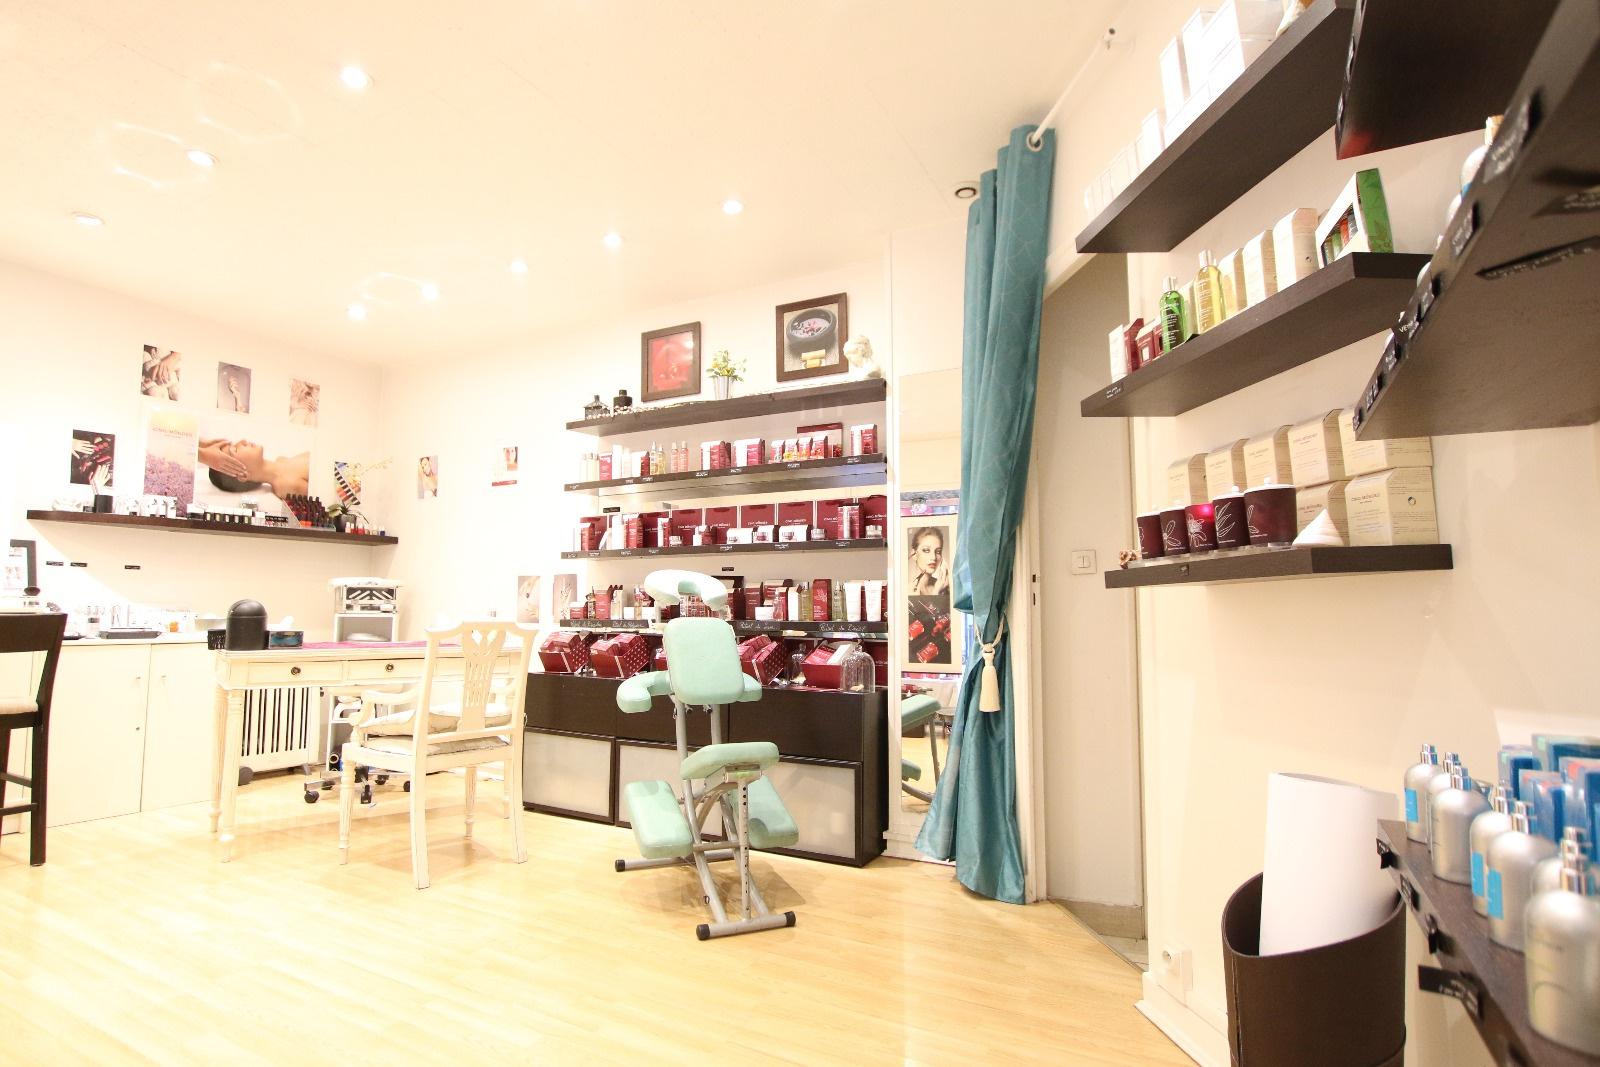 vente immobilier professionnel 70 m fonds de commerce spa esth tique massage paris 15e. Black Bedroom Furniture Sets. Home Design Ideas